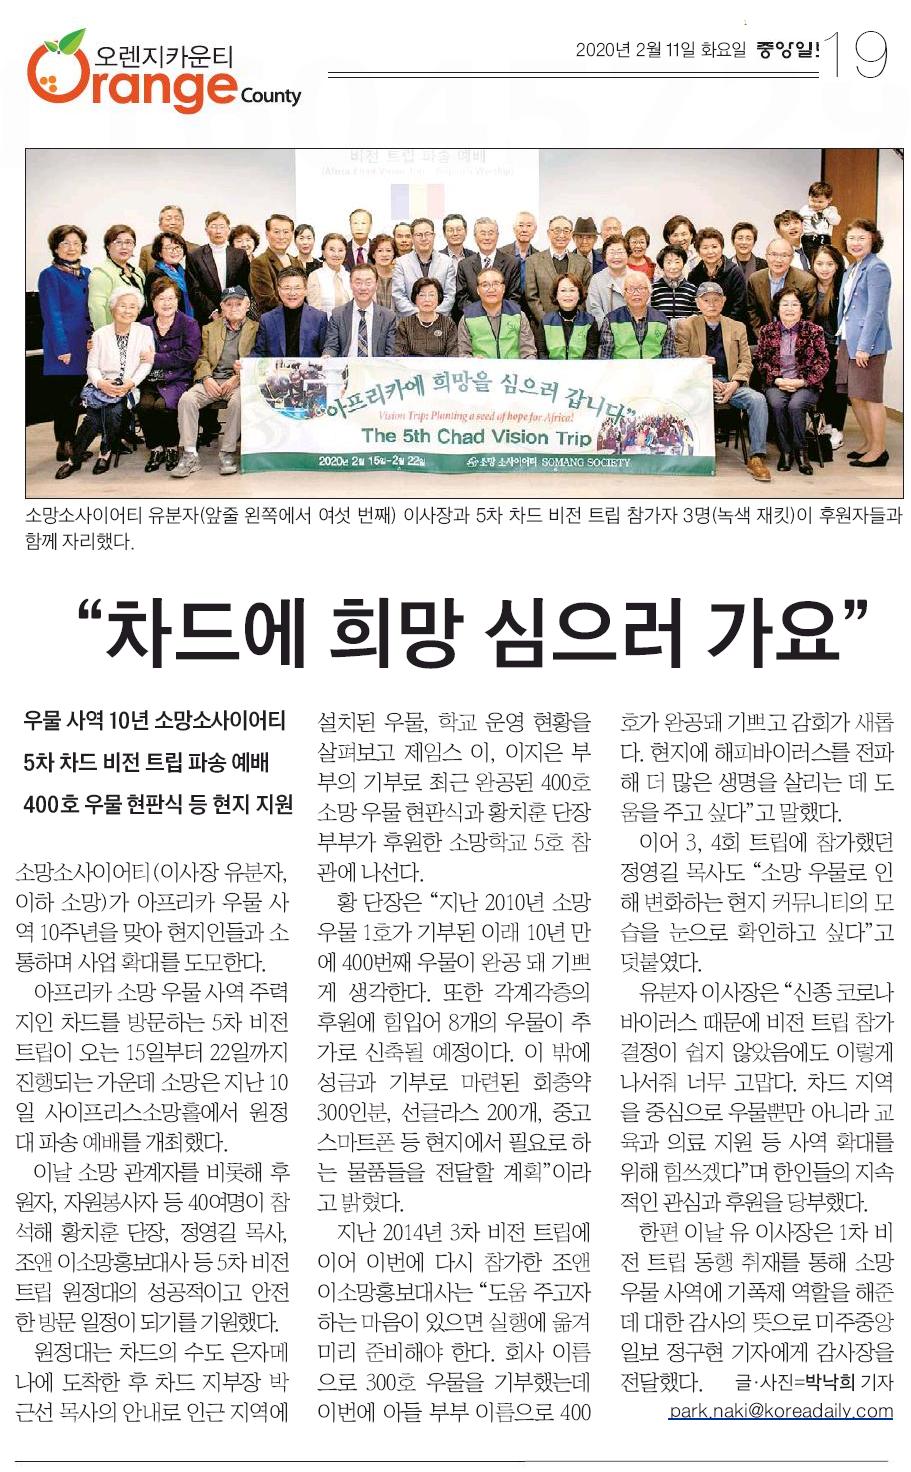 """[중앙일보]""""차드에 희망 심으러 가요"""" – 5차 차드 비전트립 파송예배"""